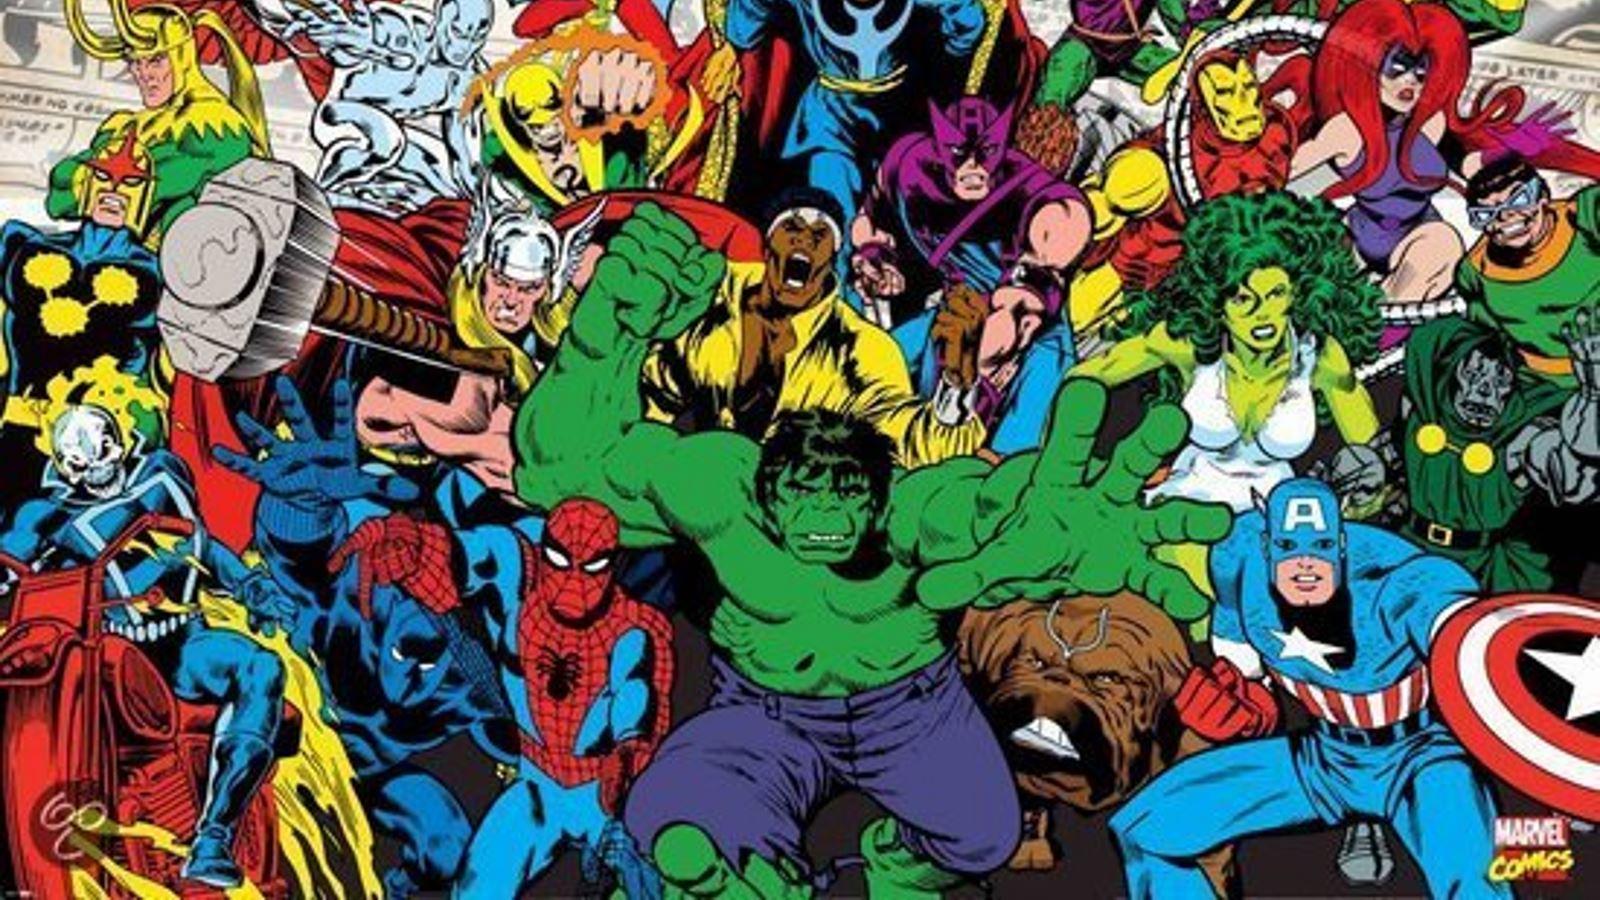 Personajes De Marvel: Descubre La Religión De Los Diferentes Personajes De Marvel